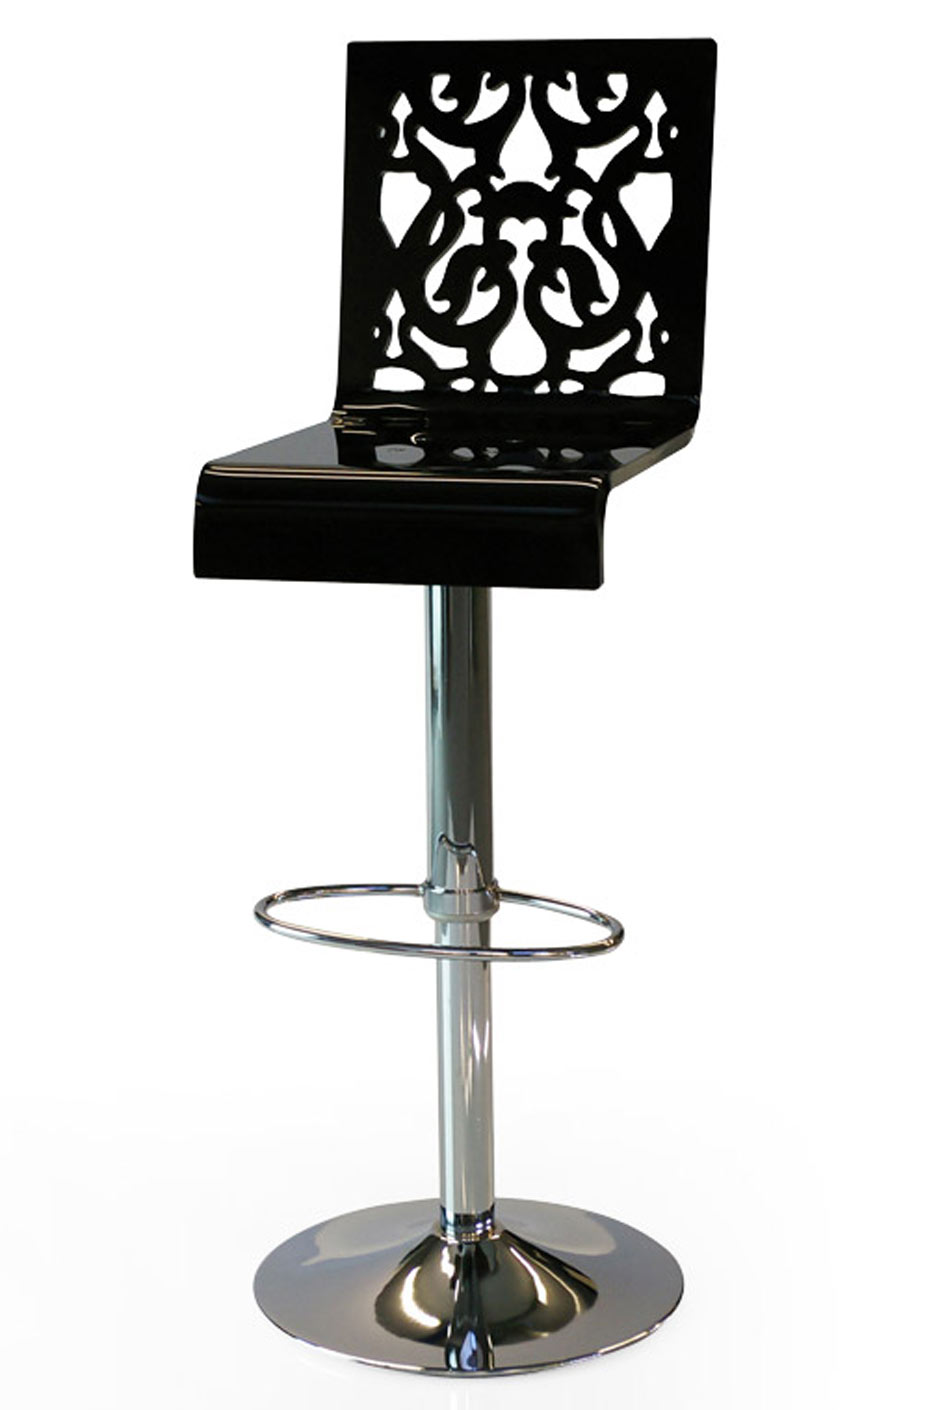 Tabouret haut grand soir dentelle noire acrila sp cialiste du plexiglas r f 11030404 - Tabouret de bar style baroque ...